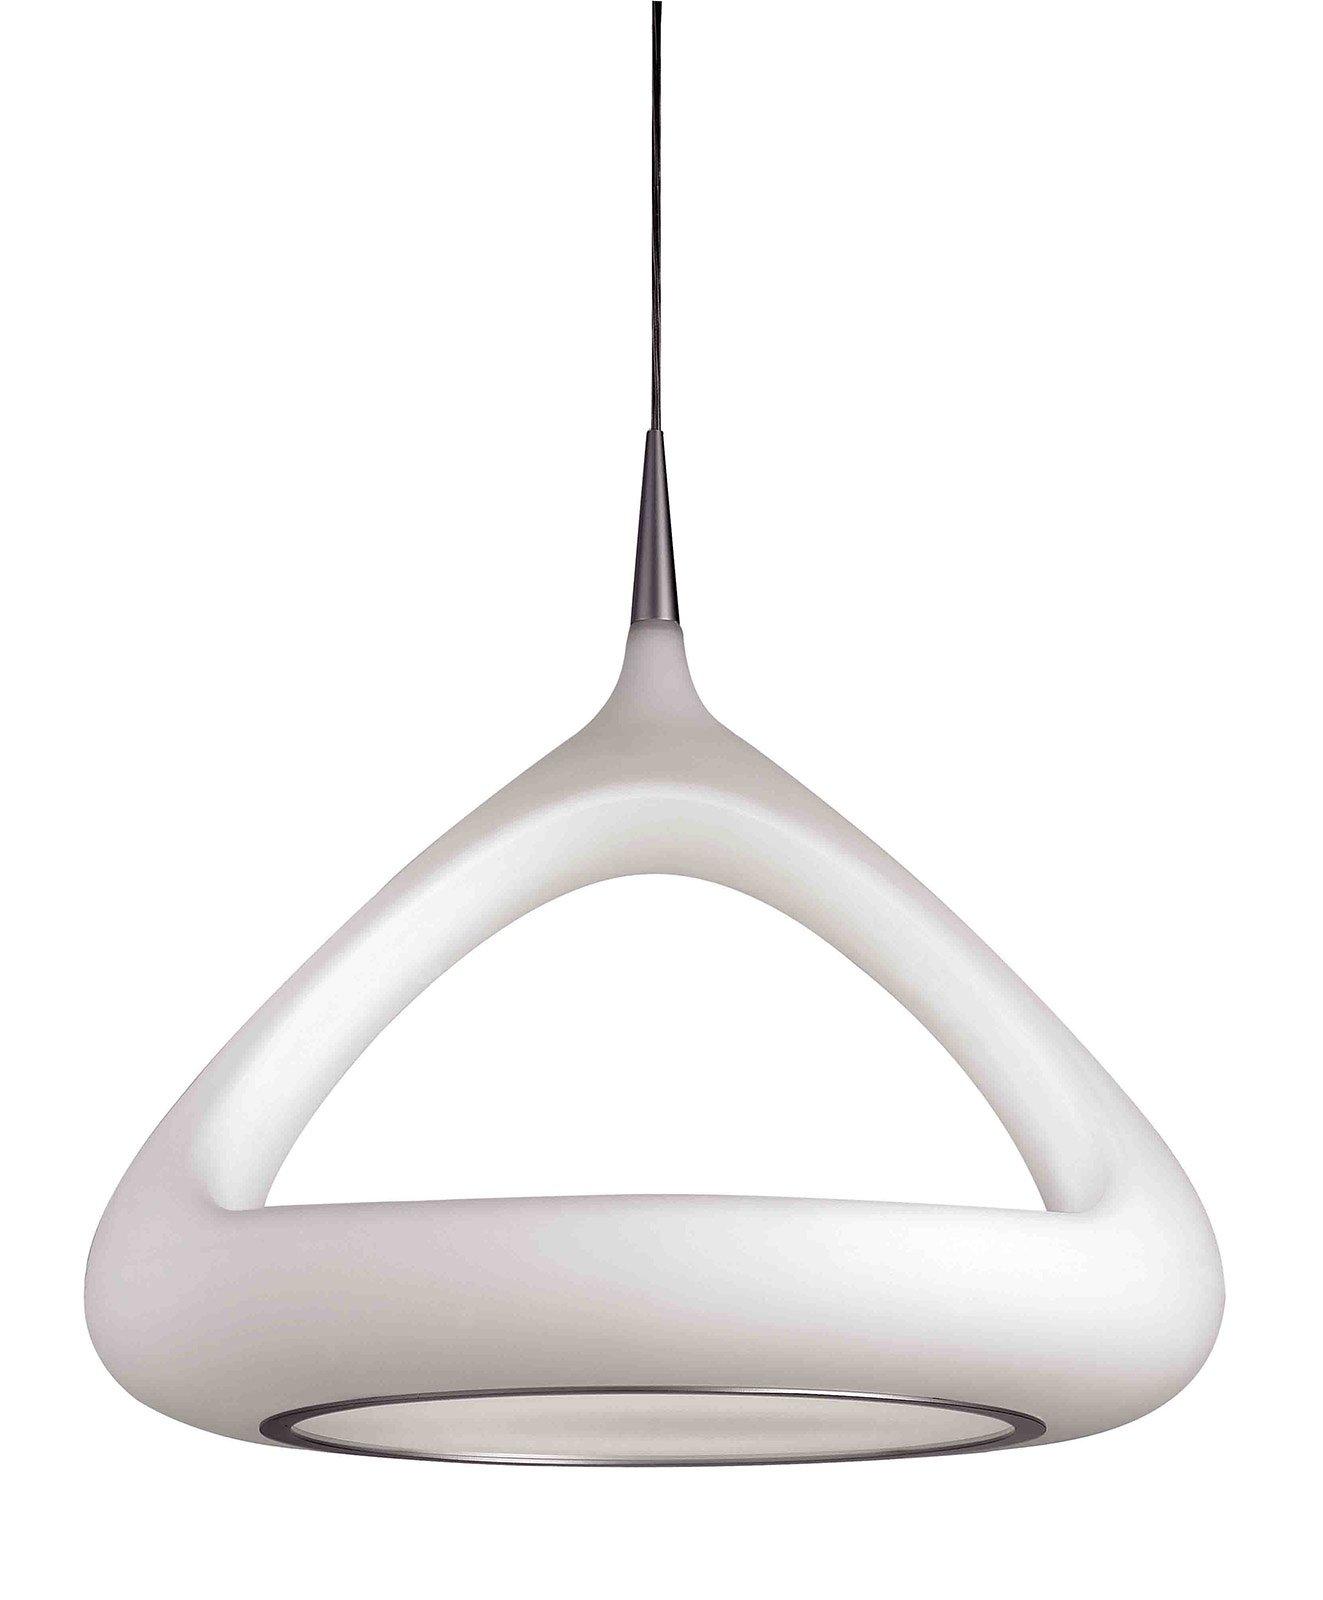 Lampade a sospensione anche low cost cose di casa for Lampadari moderni ikea